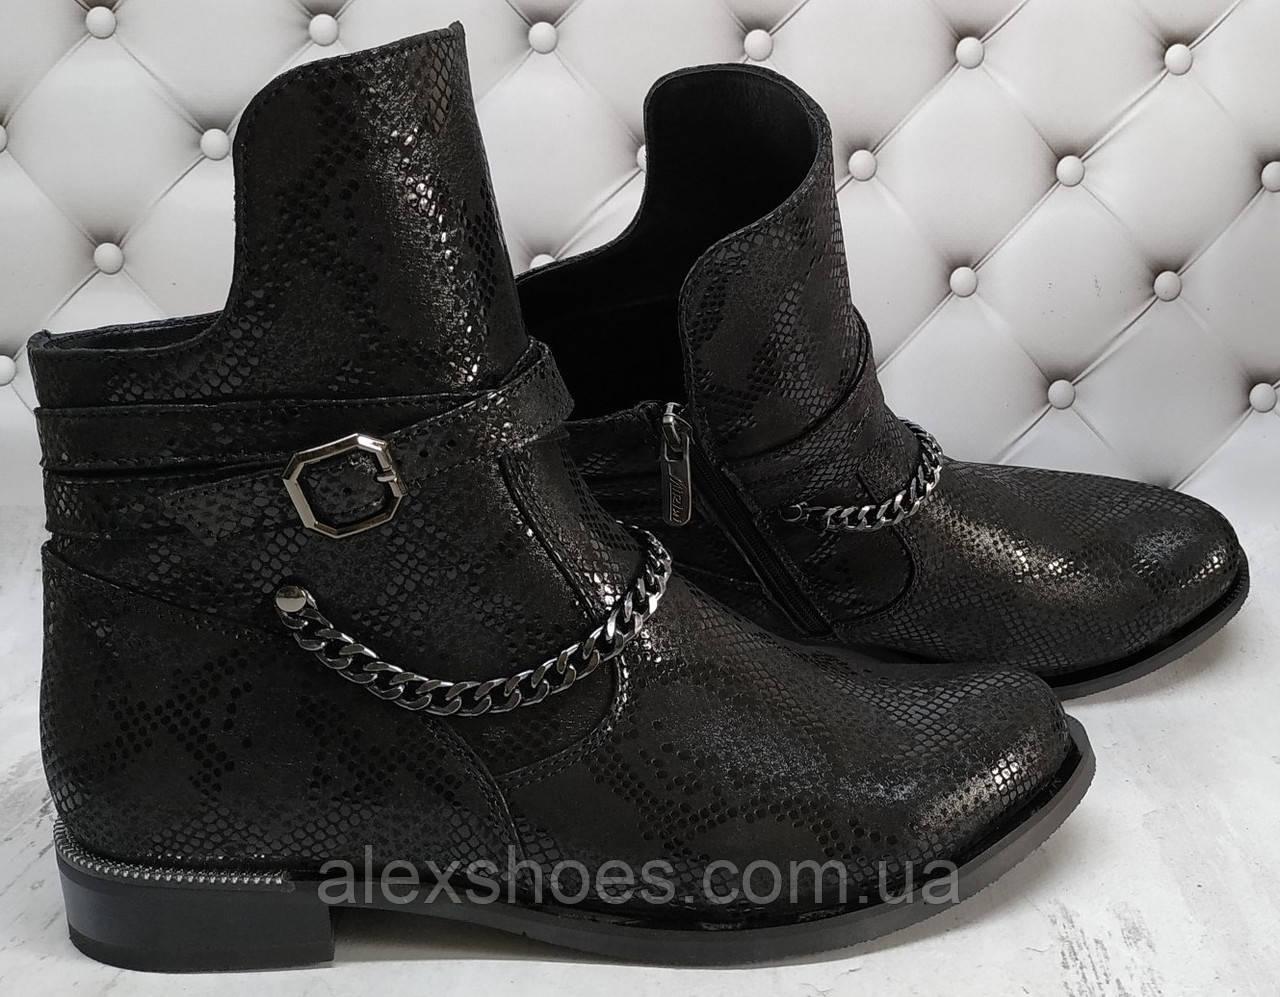 Ботинки демисезонные на низком каблуке из натуральной кожи от производителя модель НИ1238К